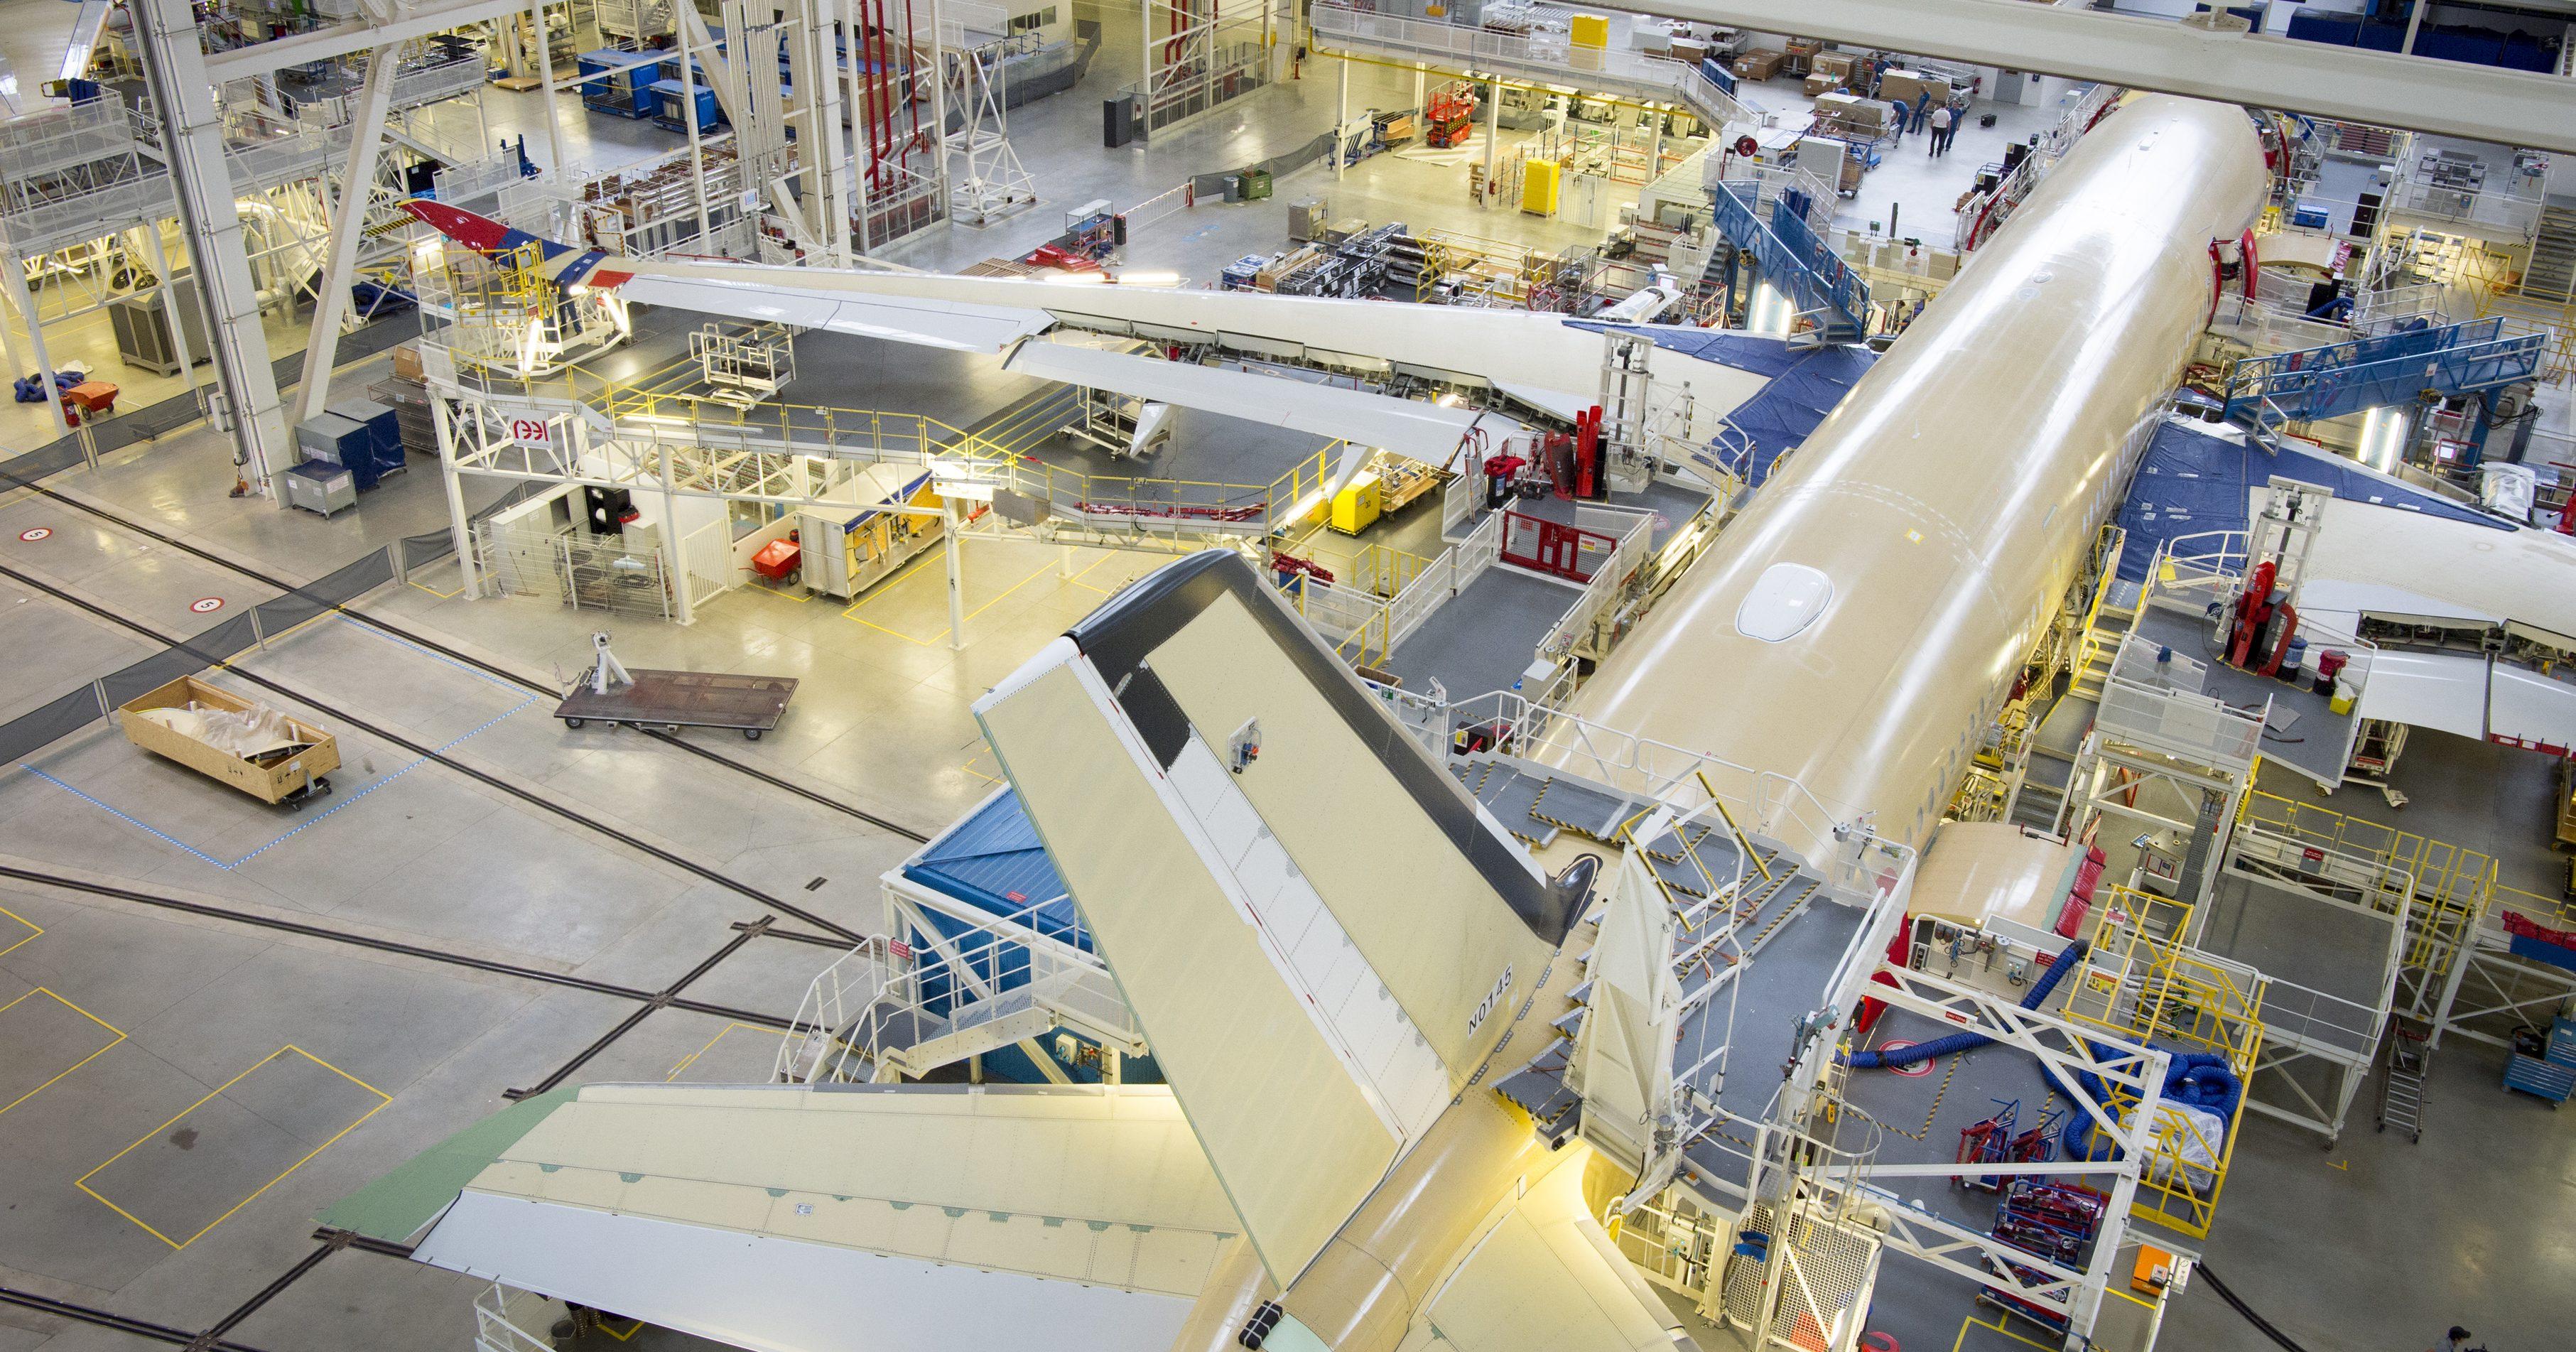 Flugzeugmontage einer Airbus